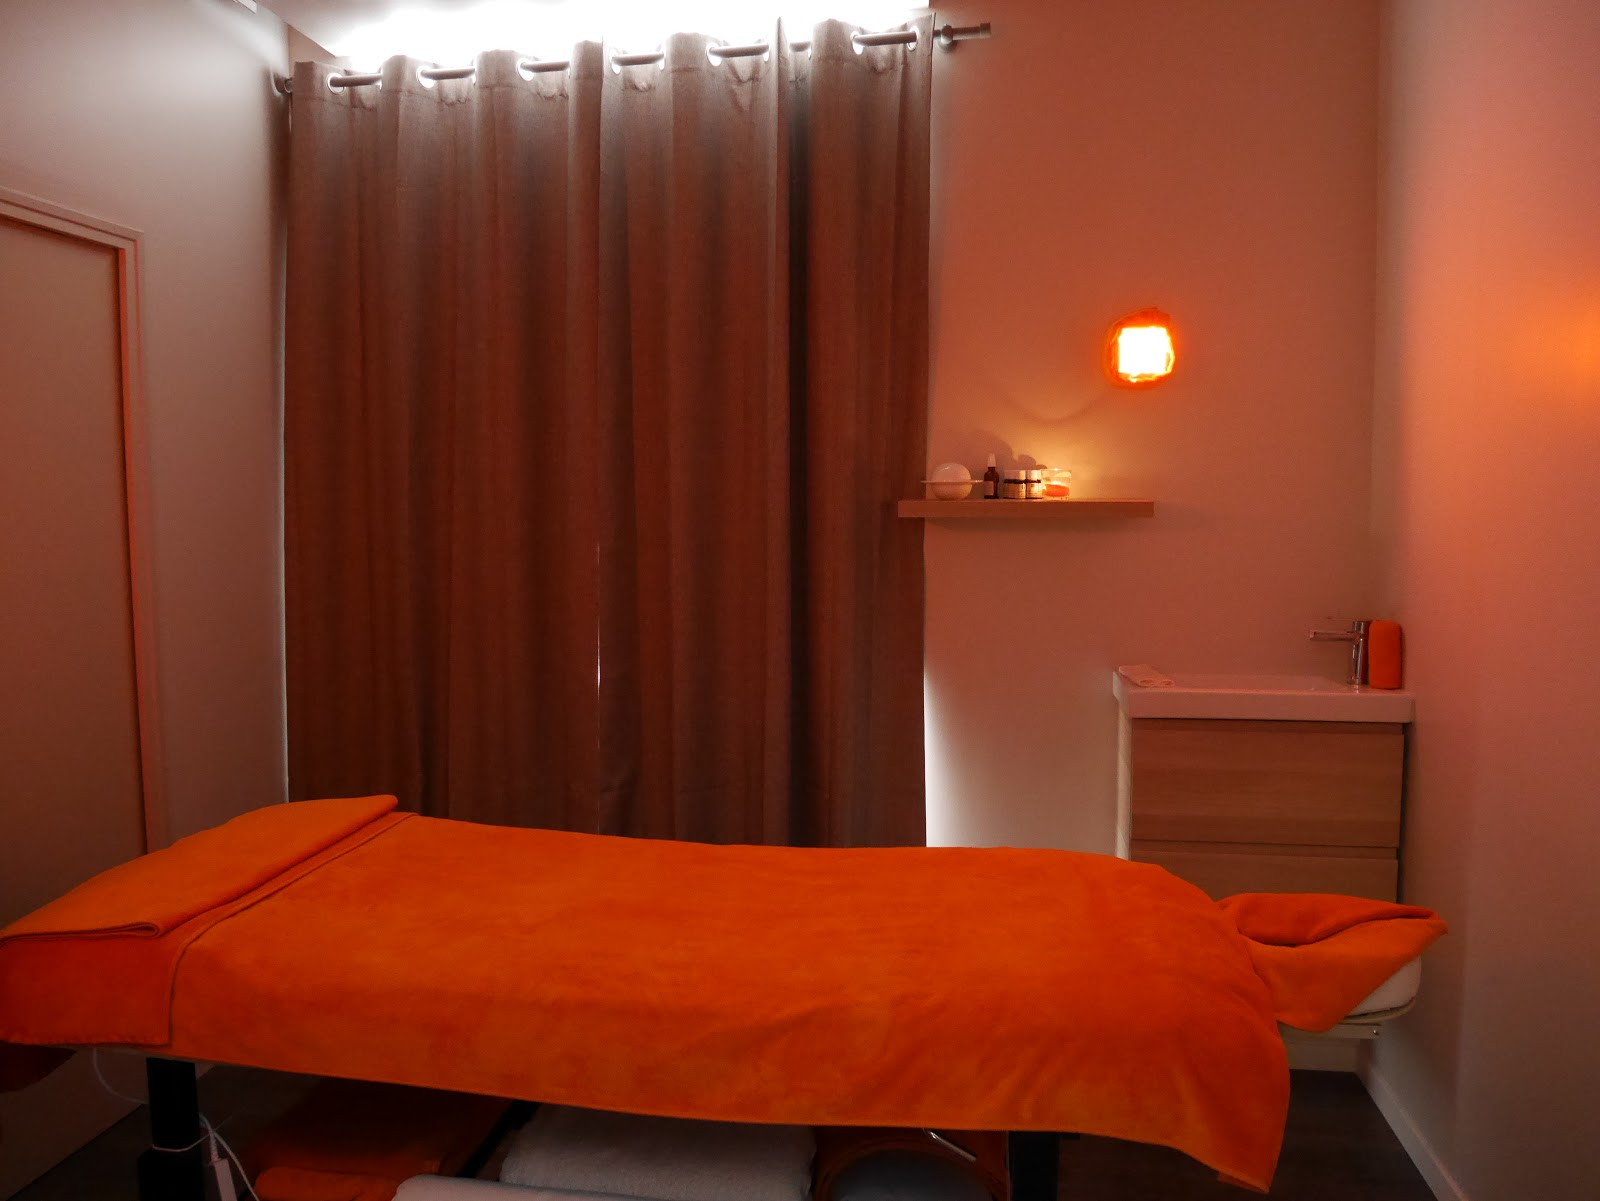 le-spa-institut-de-beaute-et-bien-etre-le-plessis-robinson-cabine-de-massage